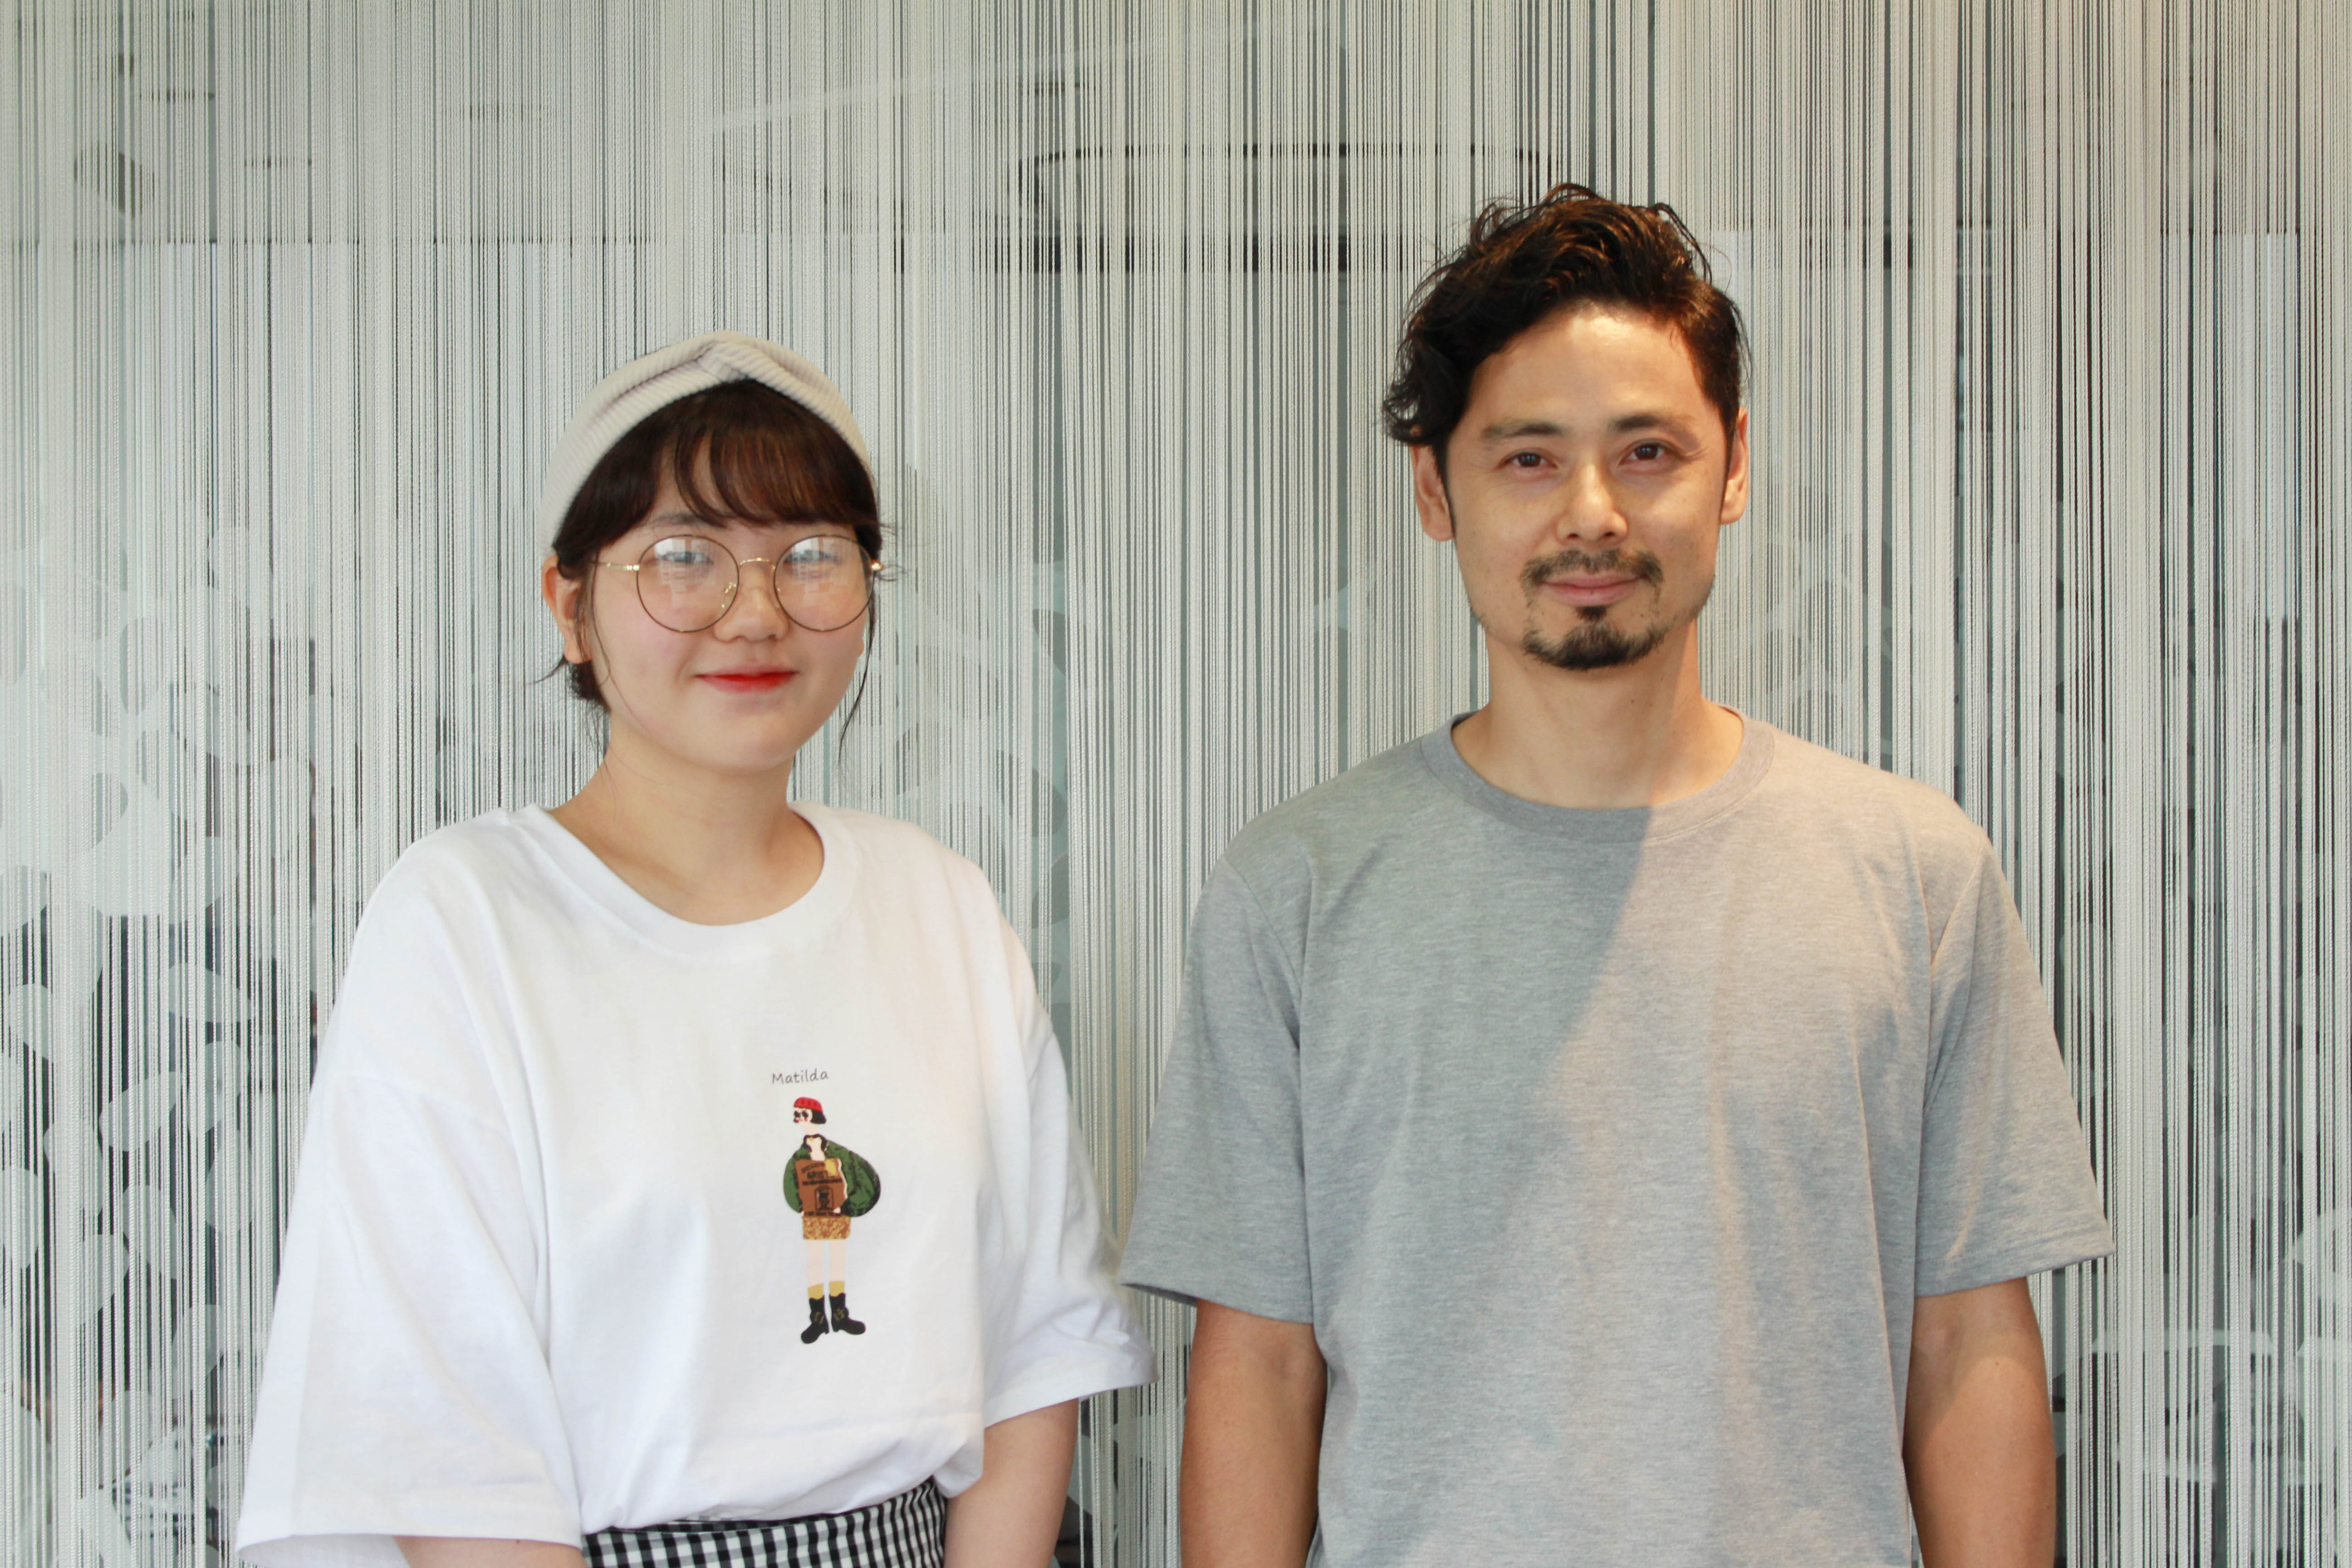 京都に在住の水口さんですが、インタビューのお願いをしたところ、東京に仕事でいらっしゃった際に時間をつくっていただきました。お忙しい中お受けいただきありがとうございました!